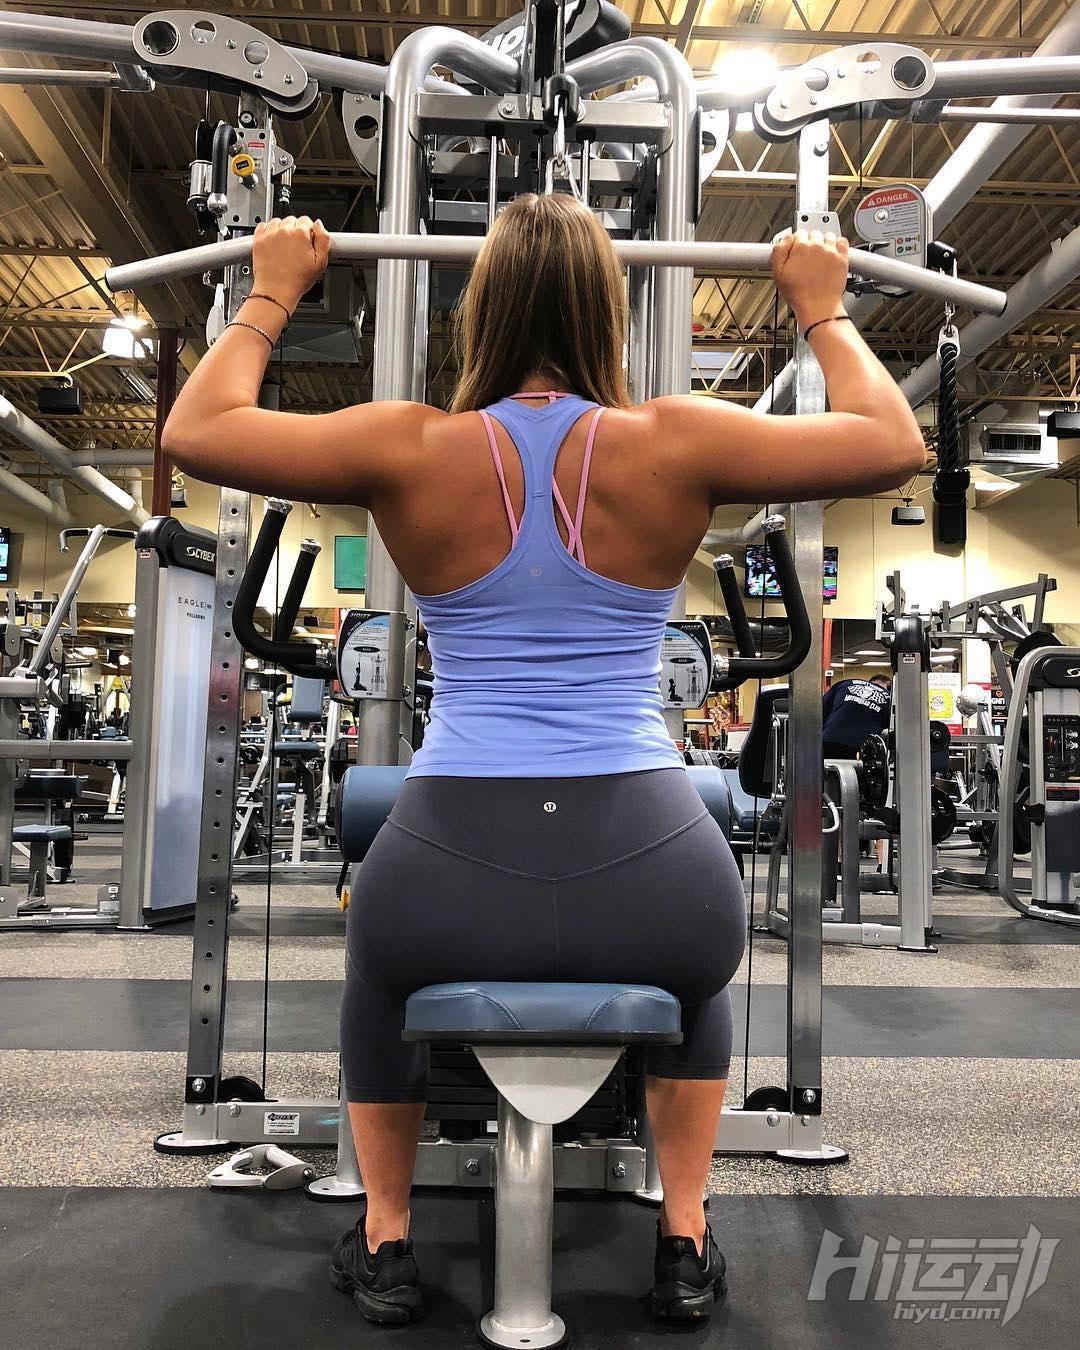 不应被体重定义快乐,美国肥妹靠健身变阳光美女 - 图片3